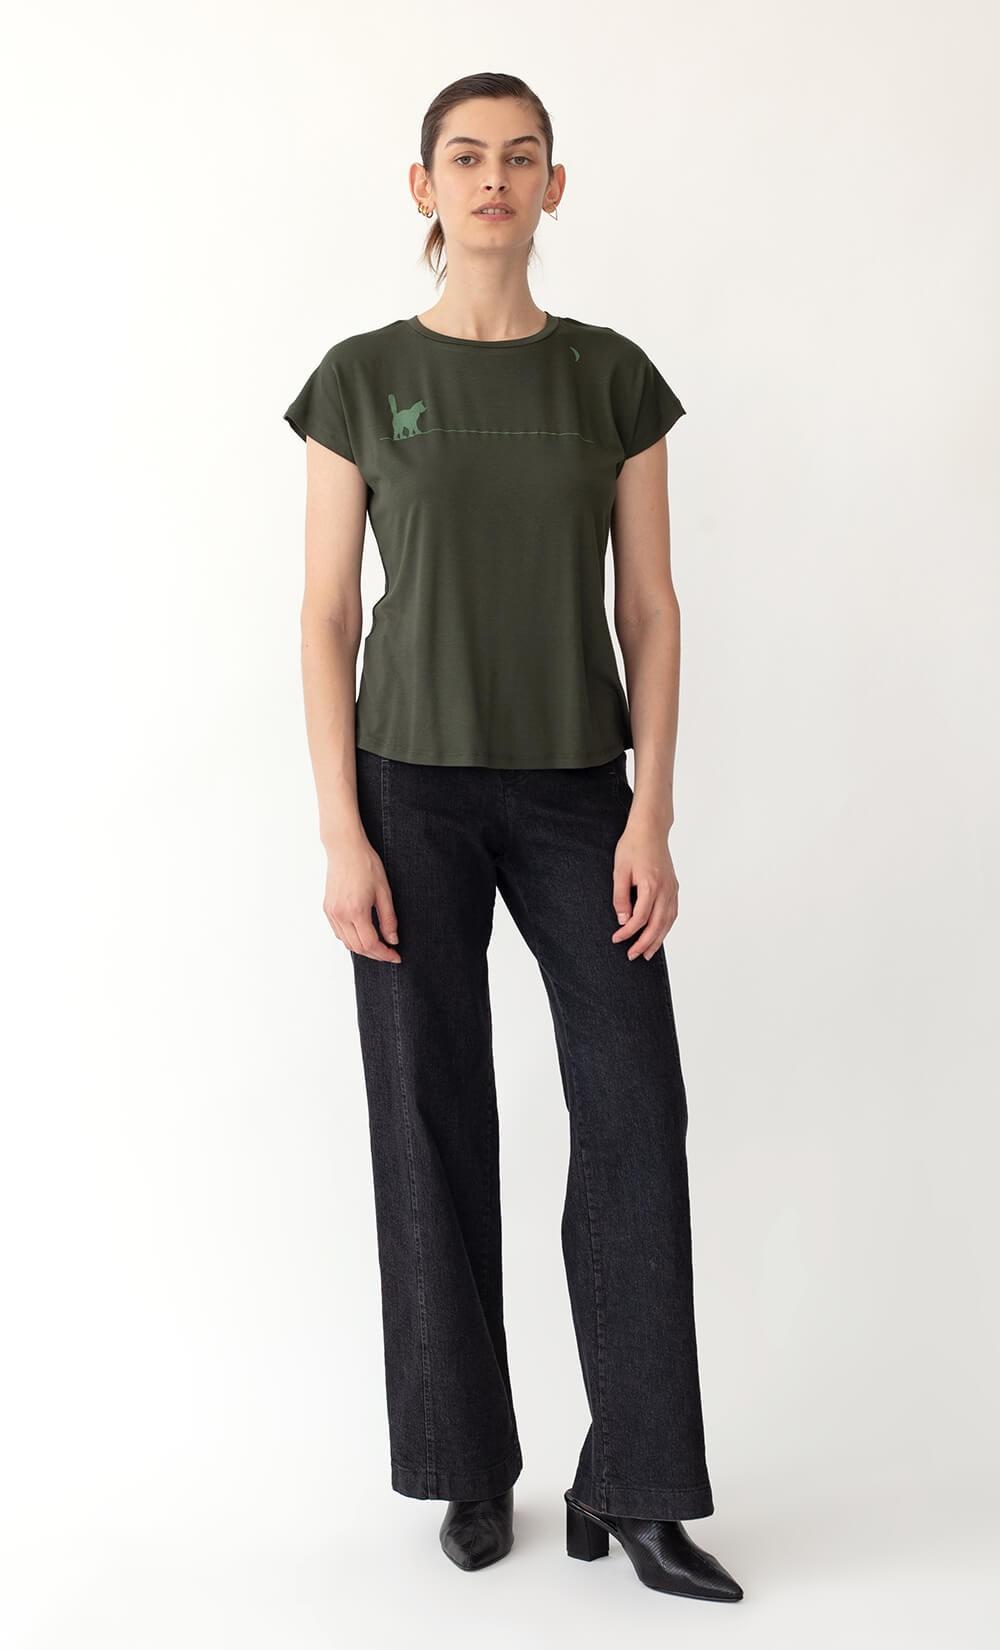 Fumi Cat-Moon Olive Green T-Shirt